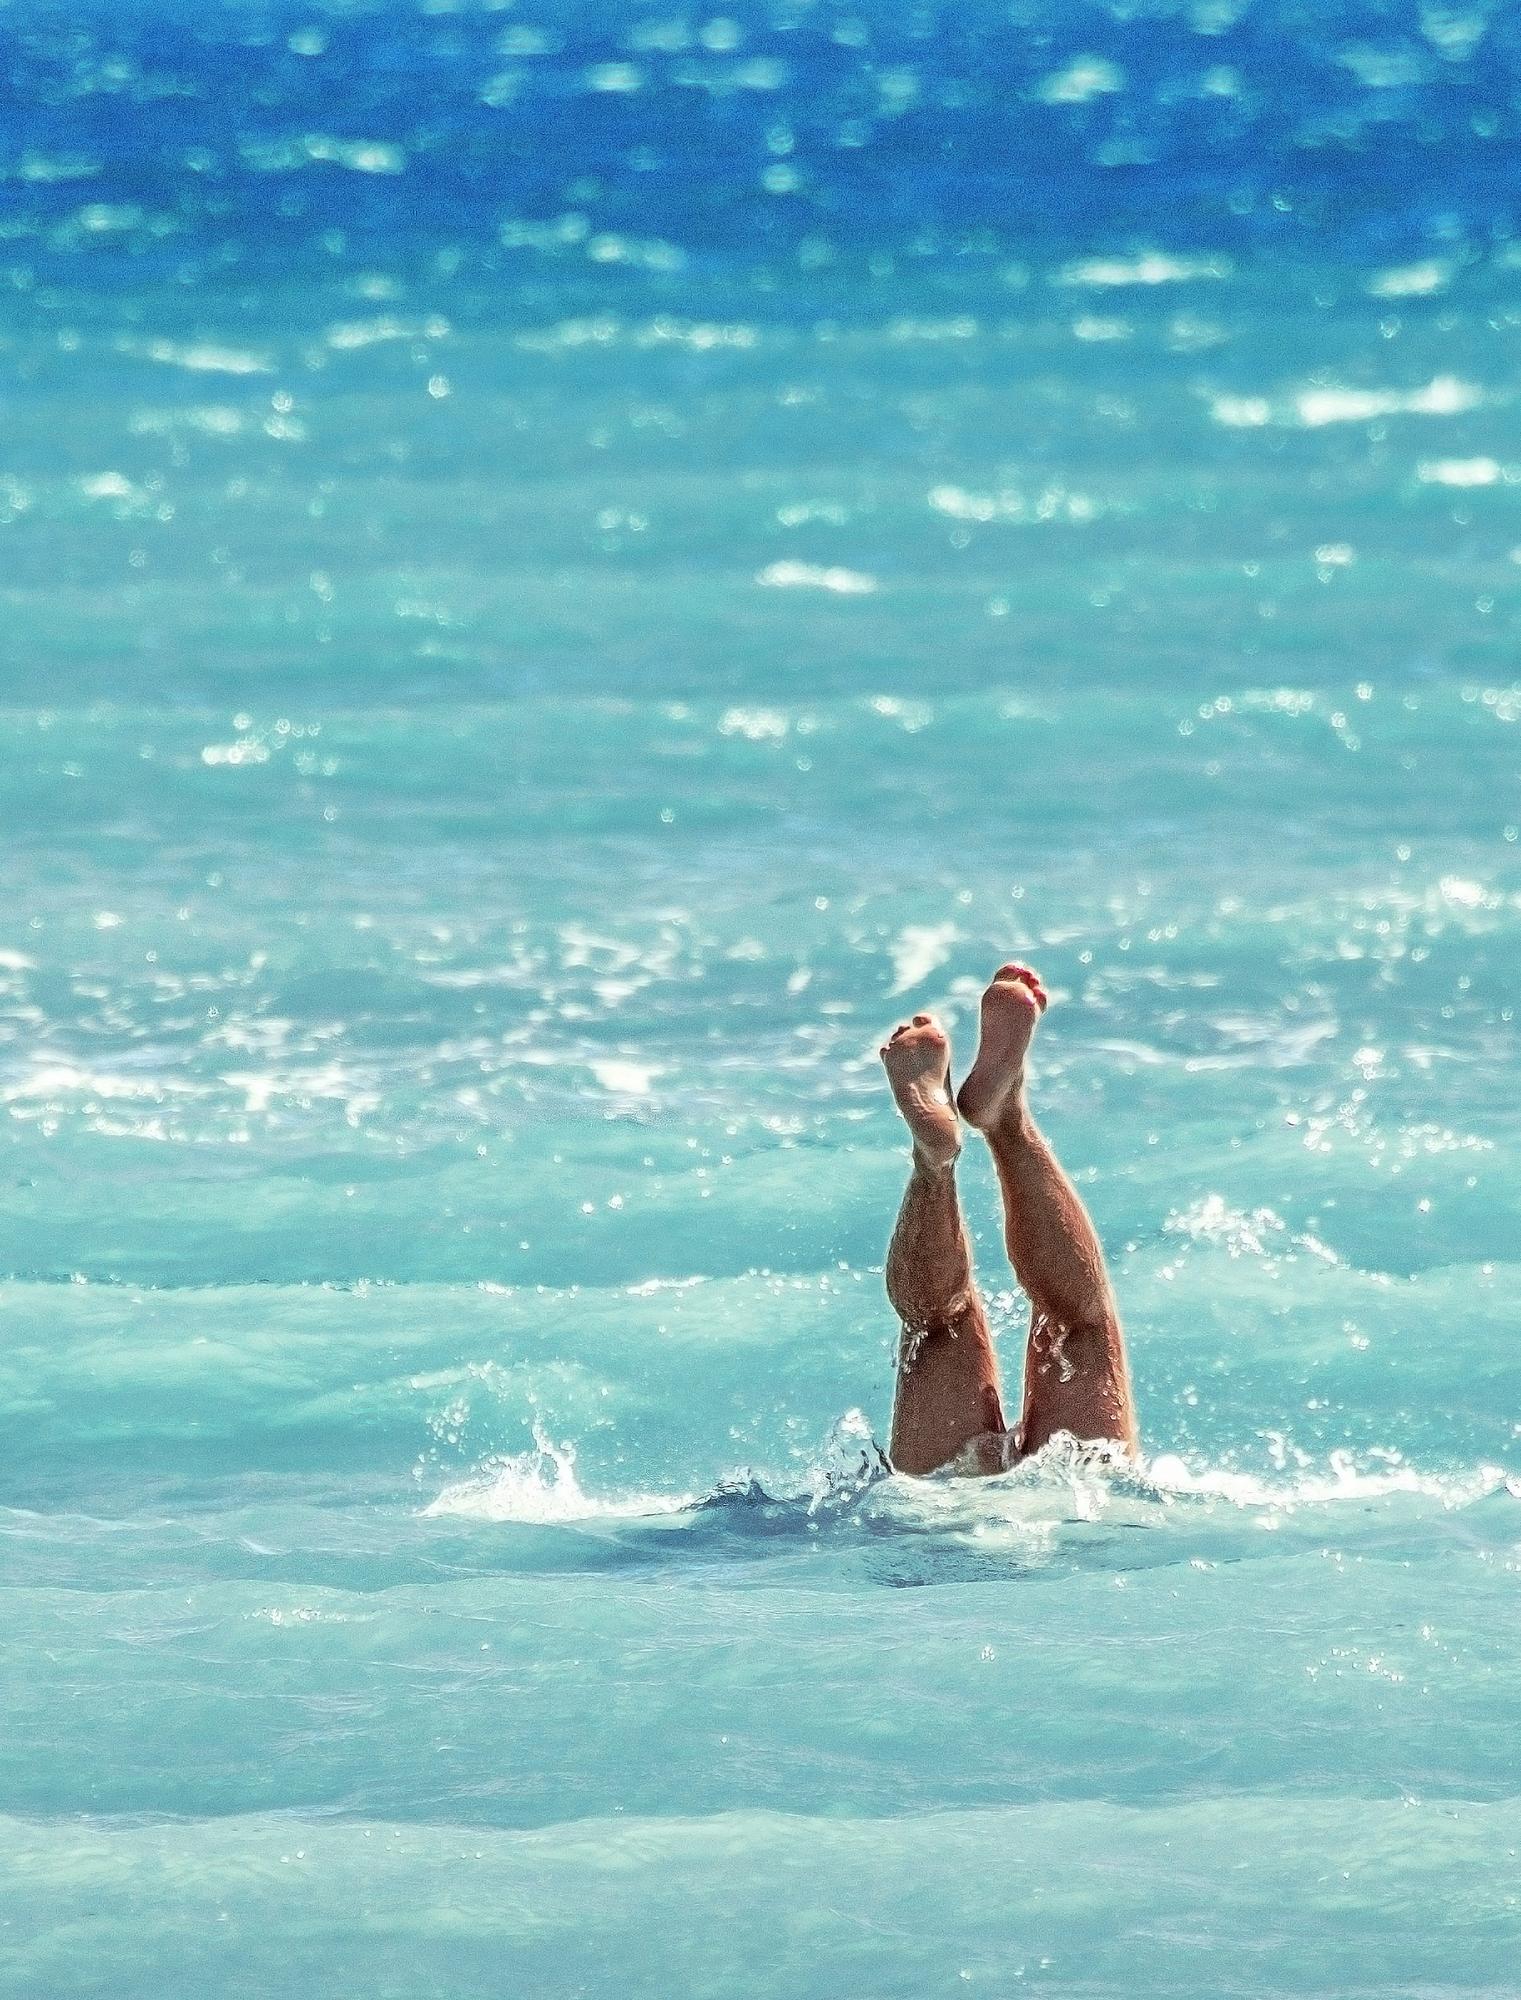 Into the water di Aldo Rizzardi